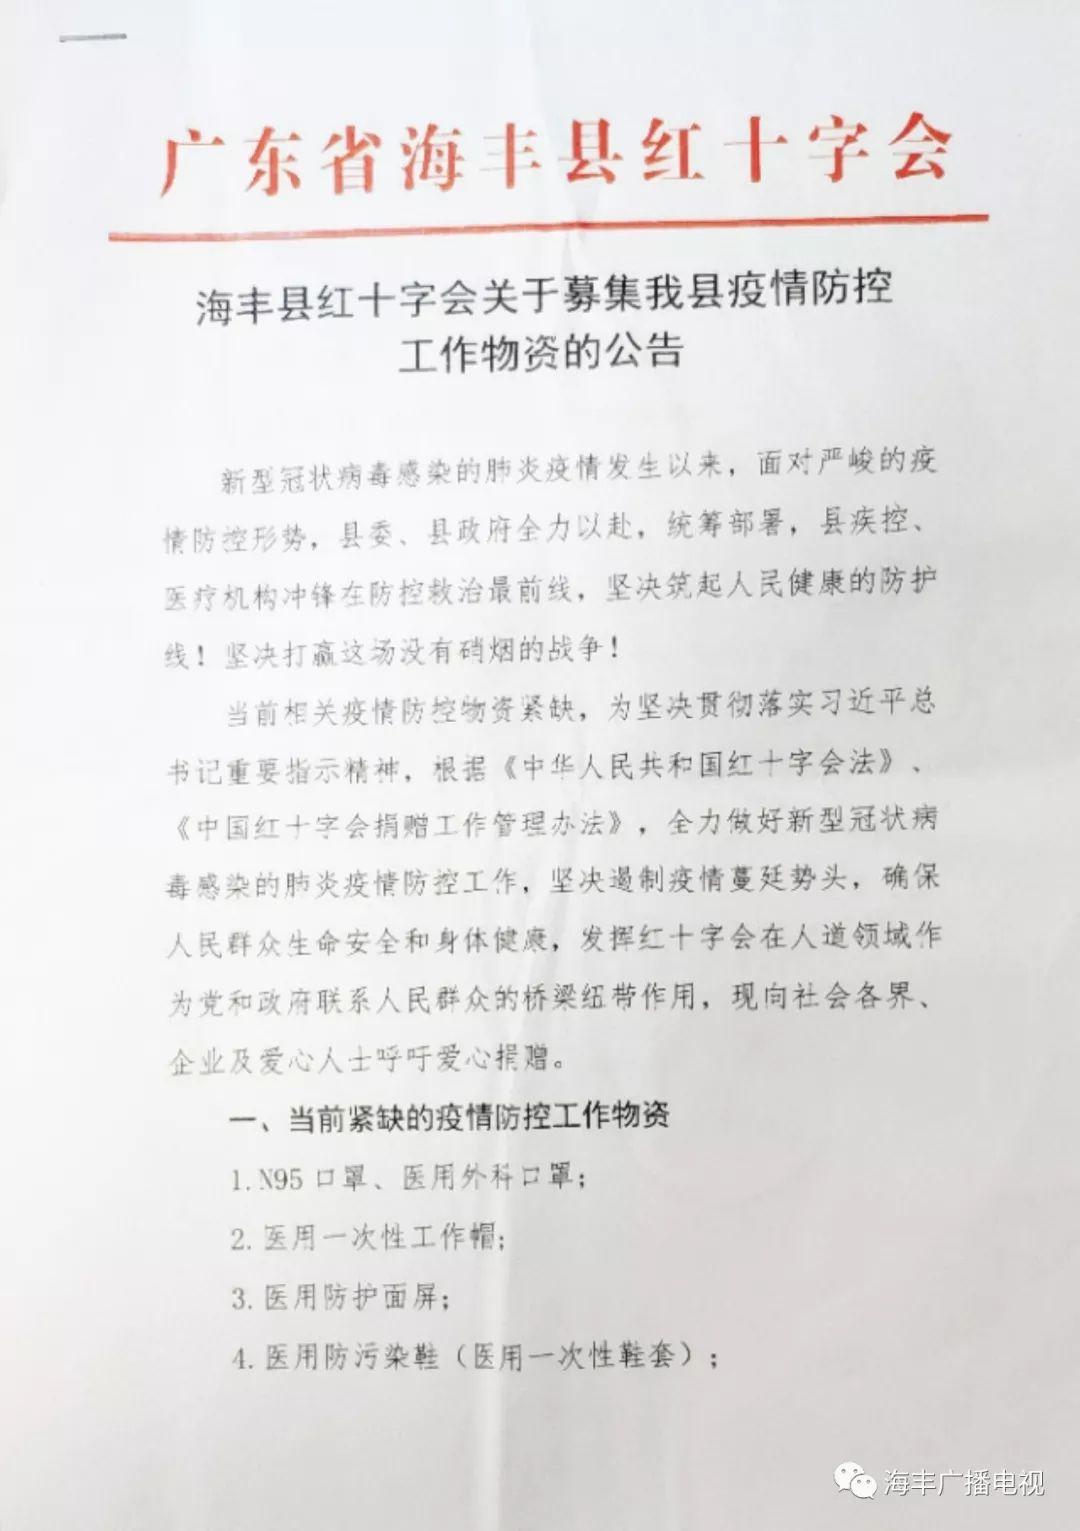 海丰县红十字会关于募集疫情防控工作物资的公告 海丰新闻 第1张